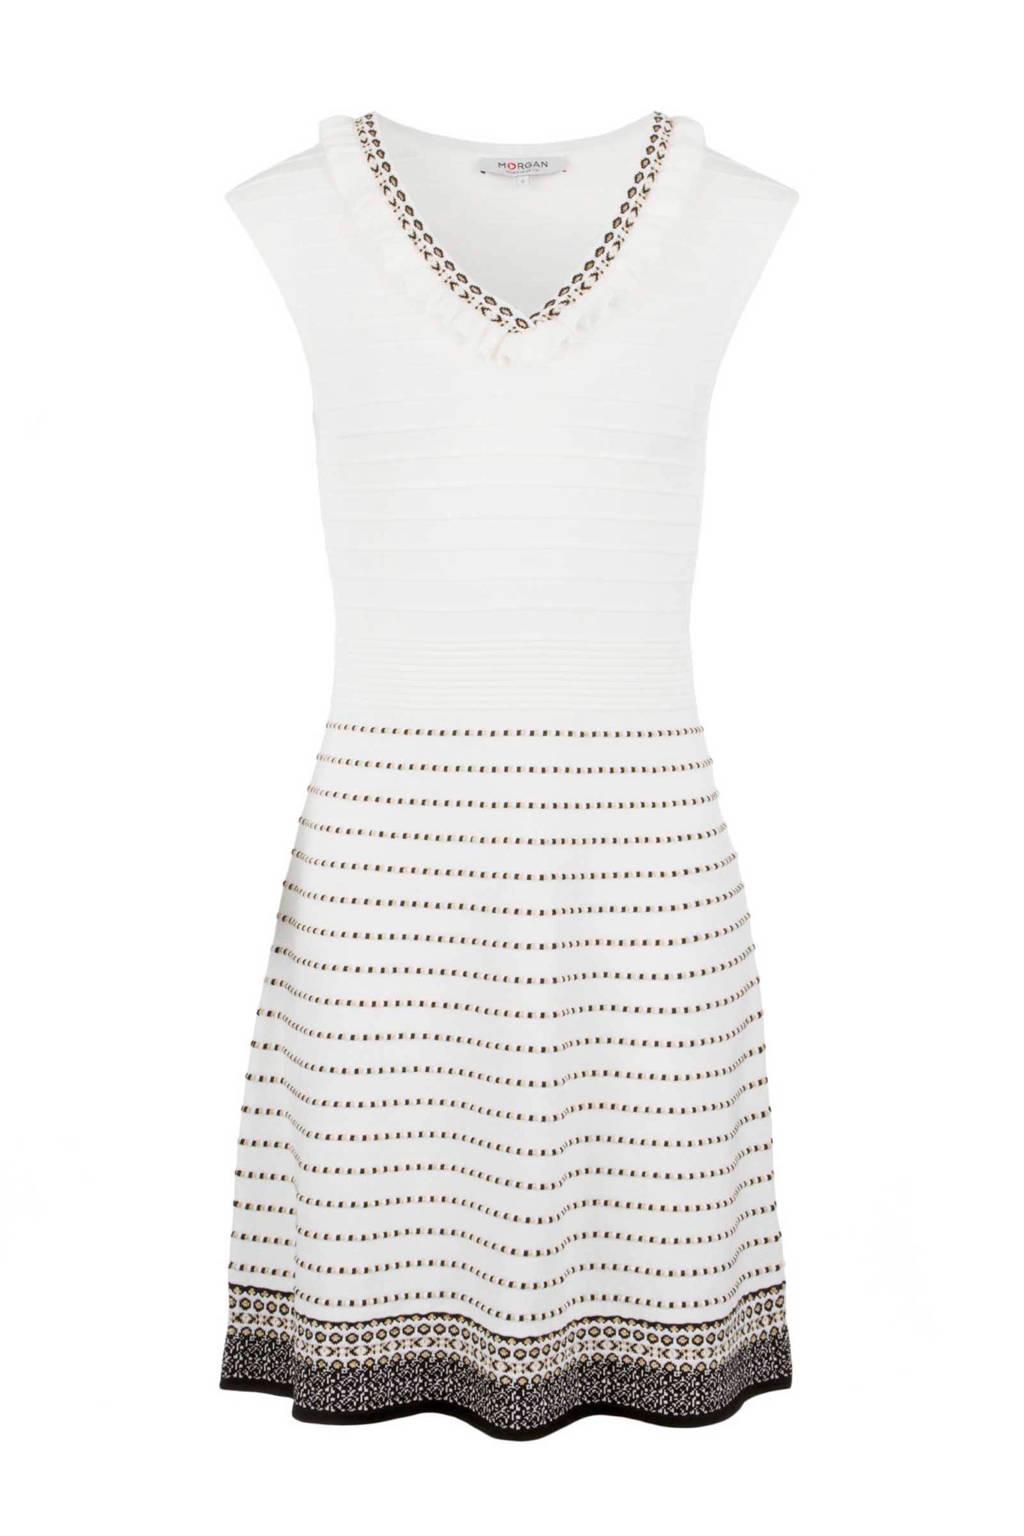 Morgan jurk, Gebroken wit/beige/zwart